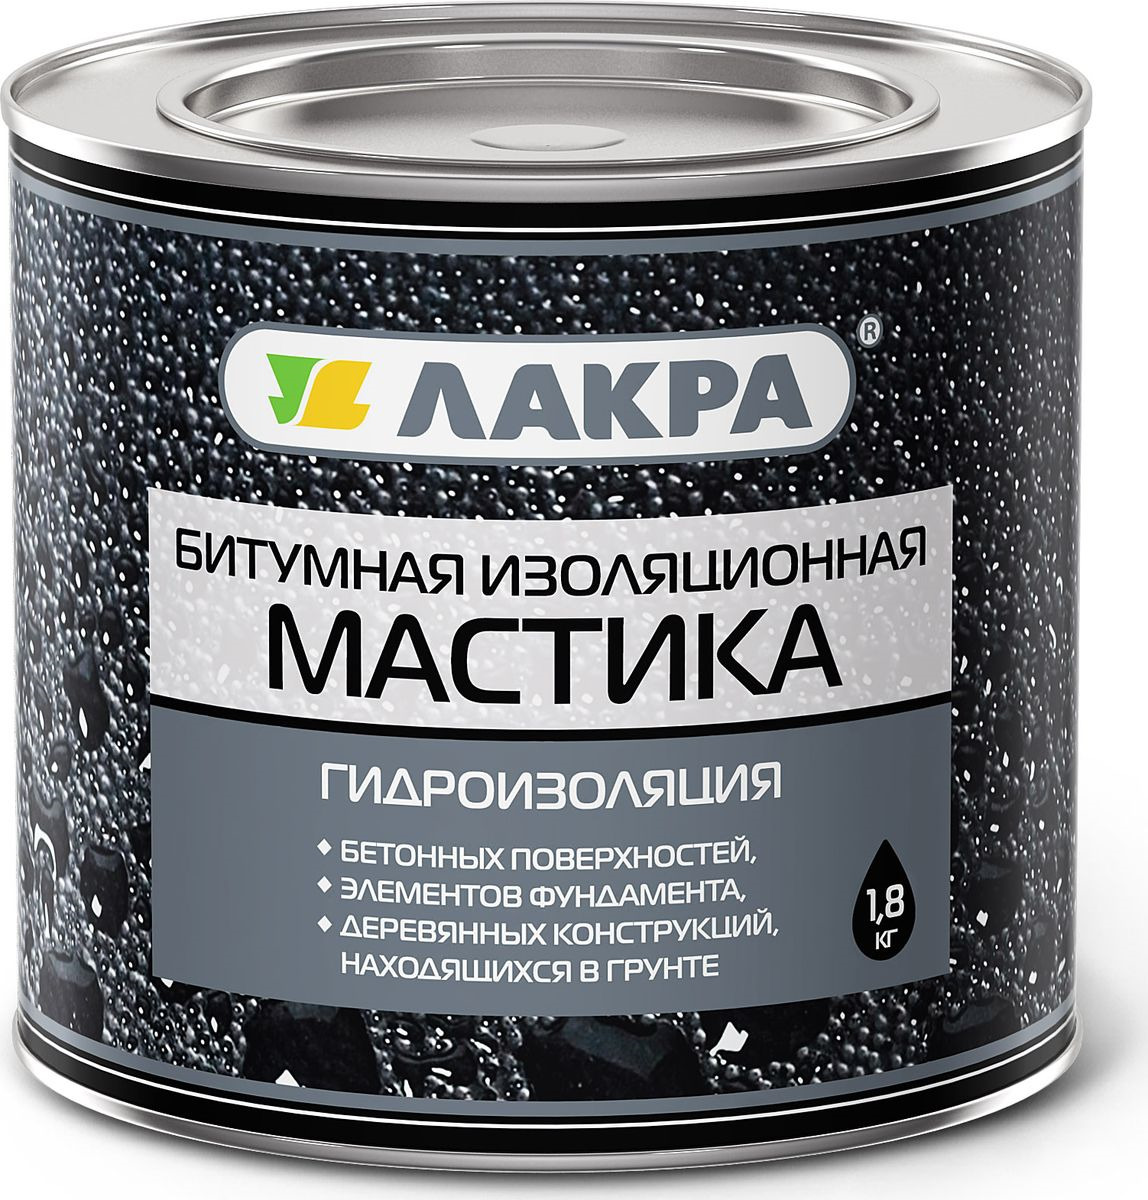 Лак Лакра 4680015827630, битумный, 1.8 кг цена в Москве и Питере